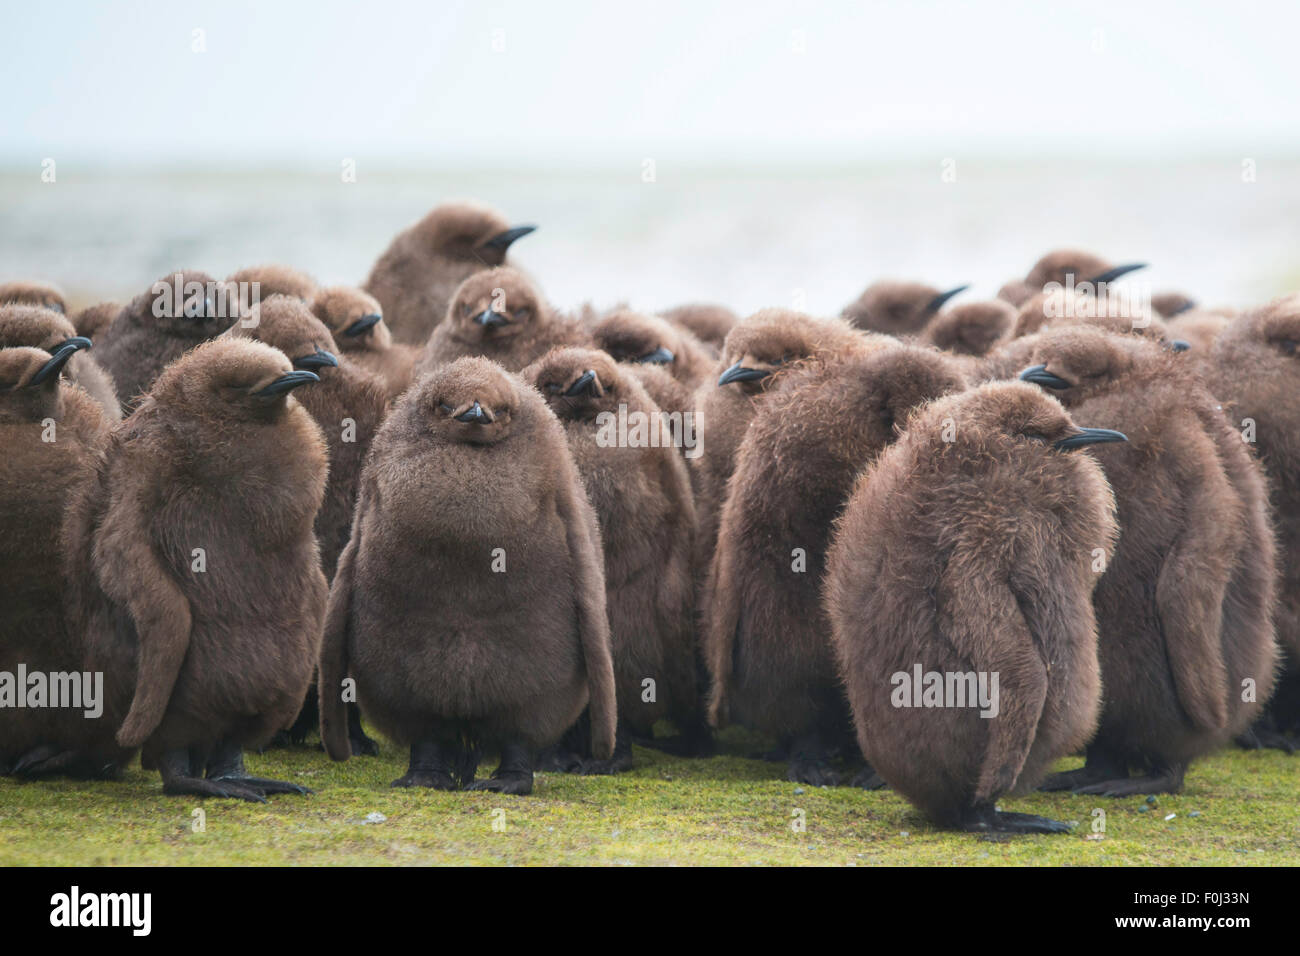 Manchot royal (Aptenodytes patagonicus) Crèche de gros poussins brun. Banque D'Images